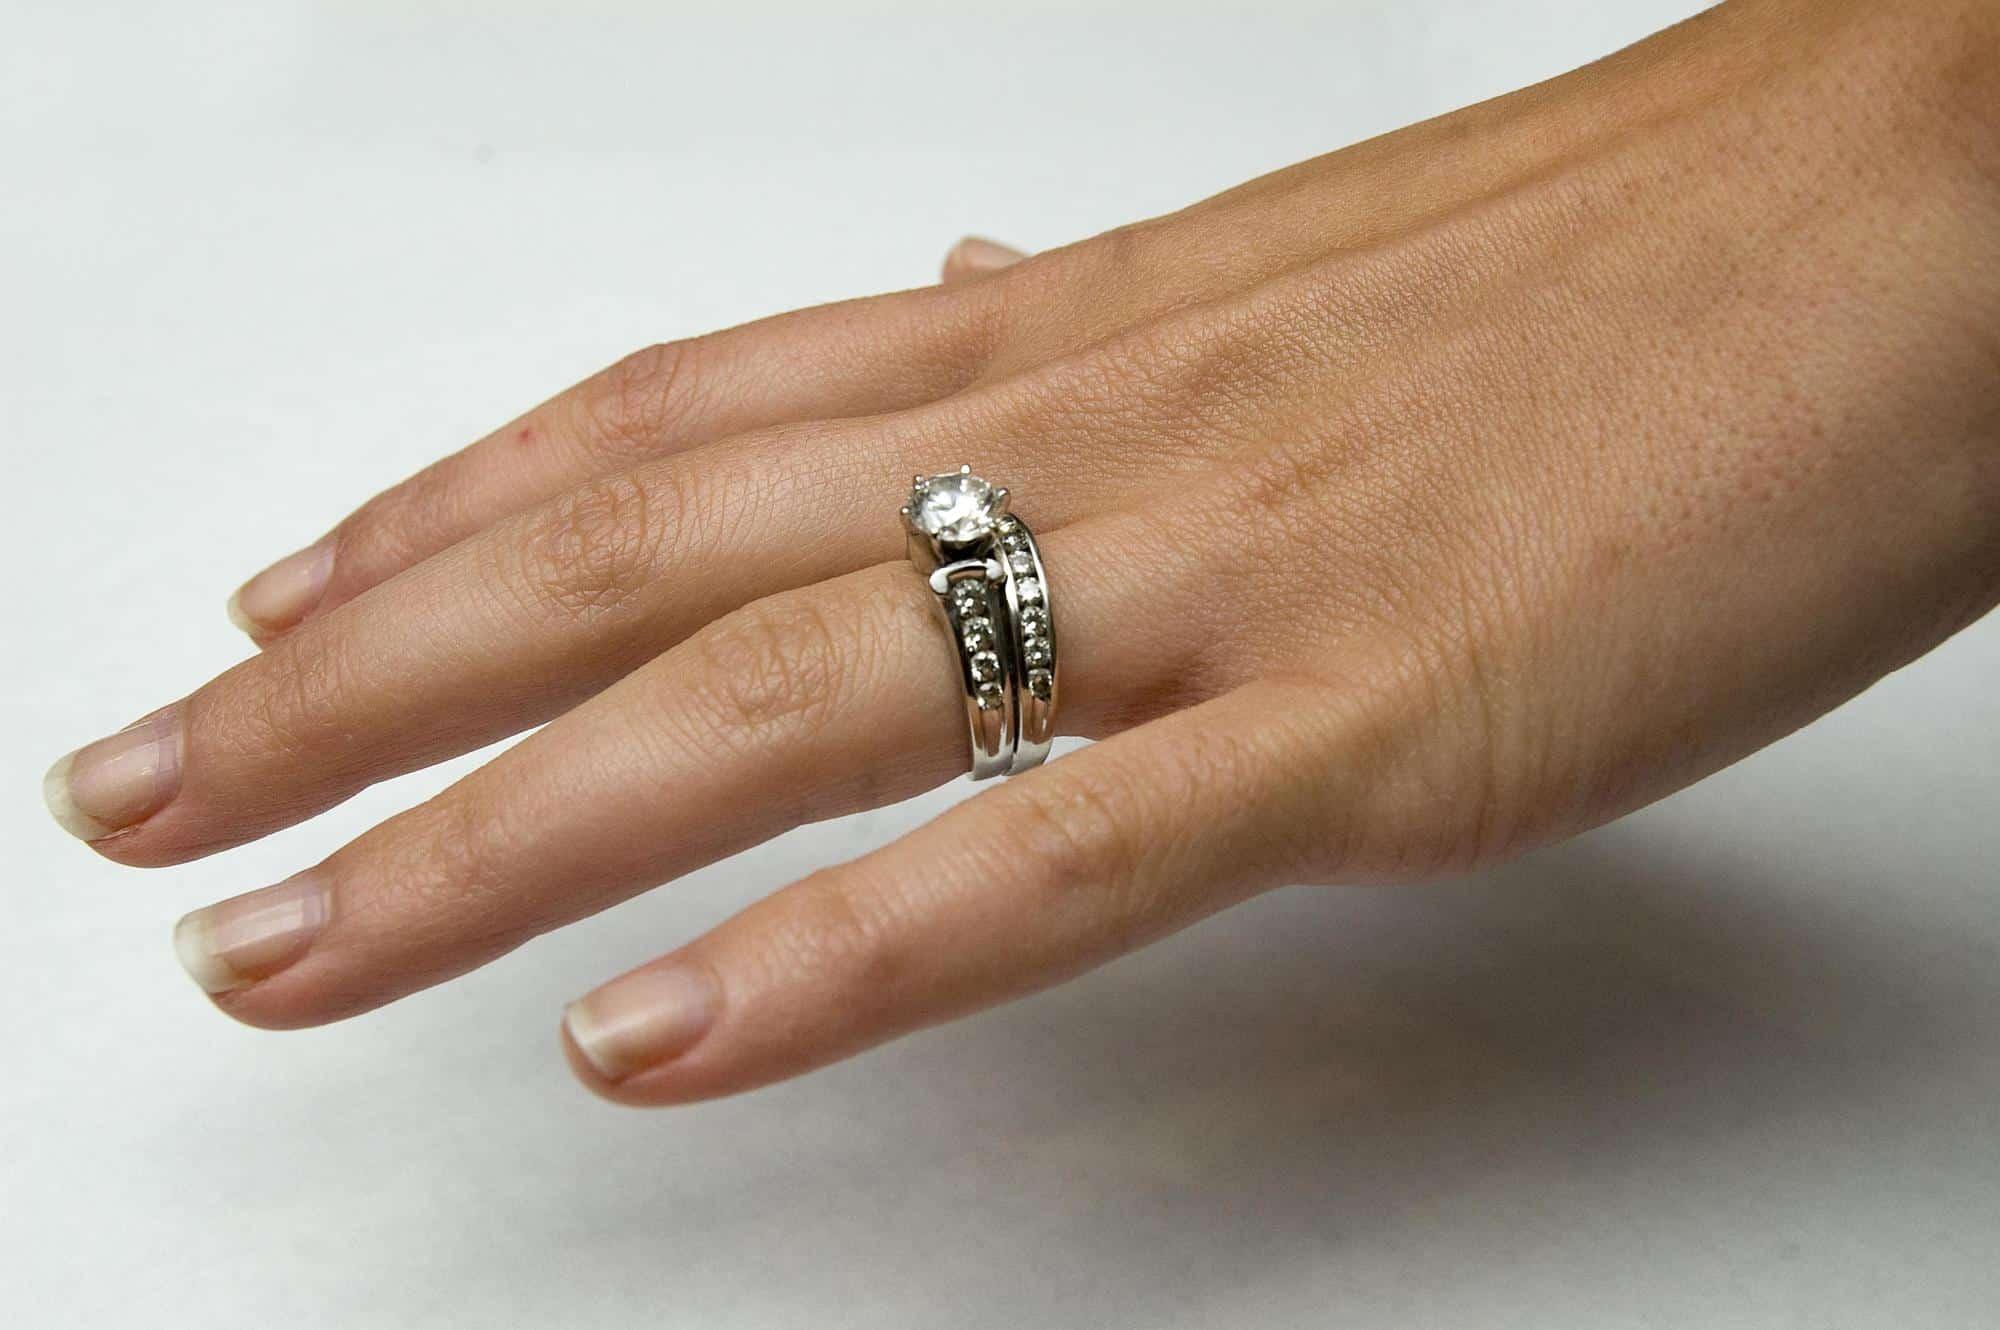 تفسير حلم لبس وخلع الخاتم الذهب للعزباء موسوعة